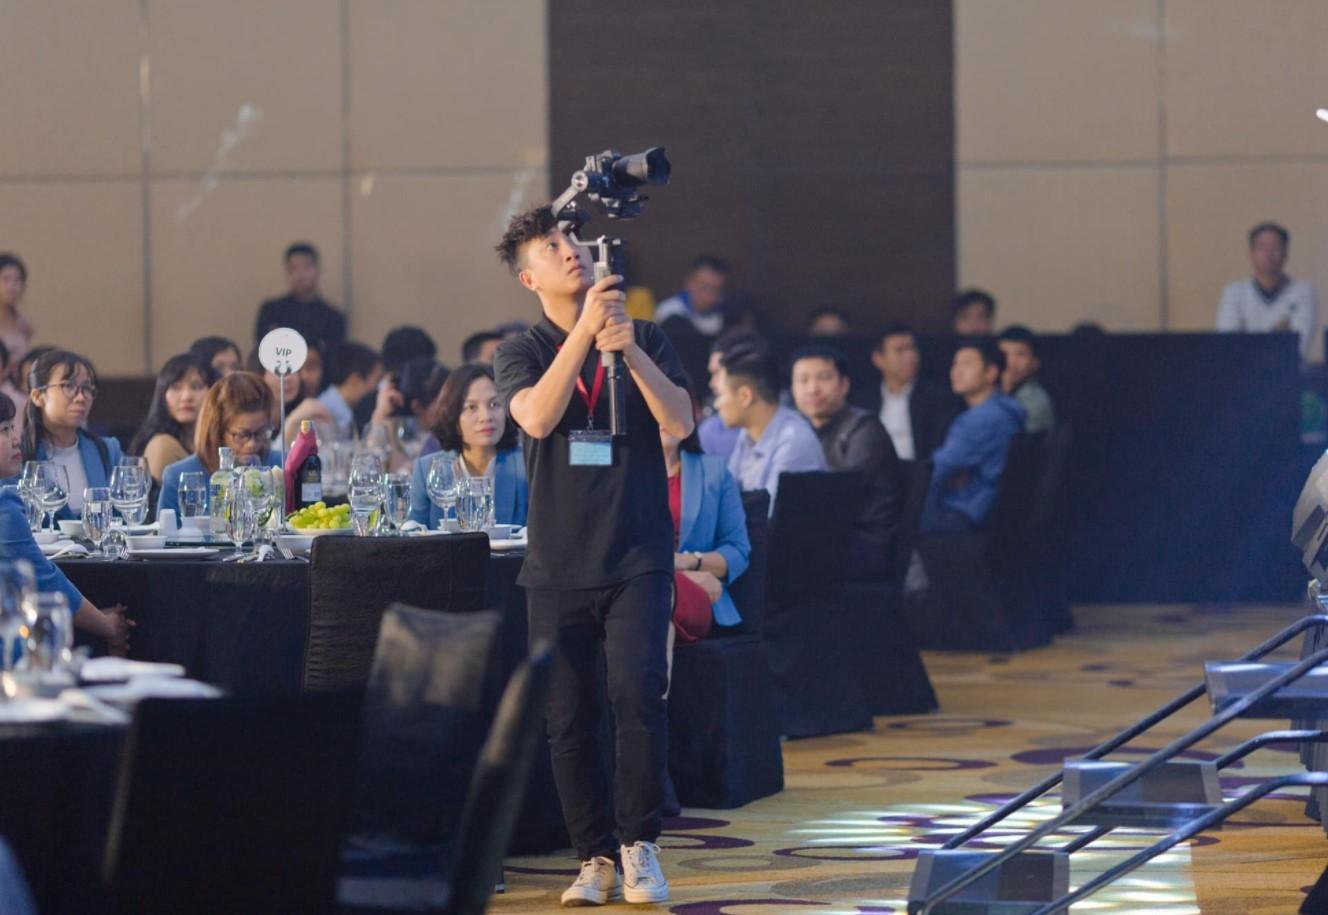 Bảng giá quay phim sự kiện chuyên nghiệp tại Luxtour 9